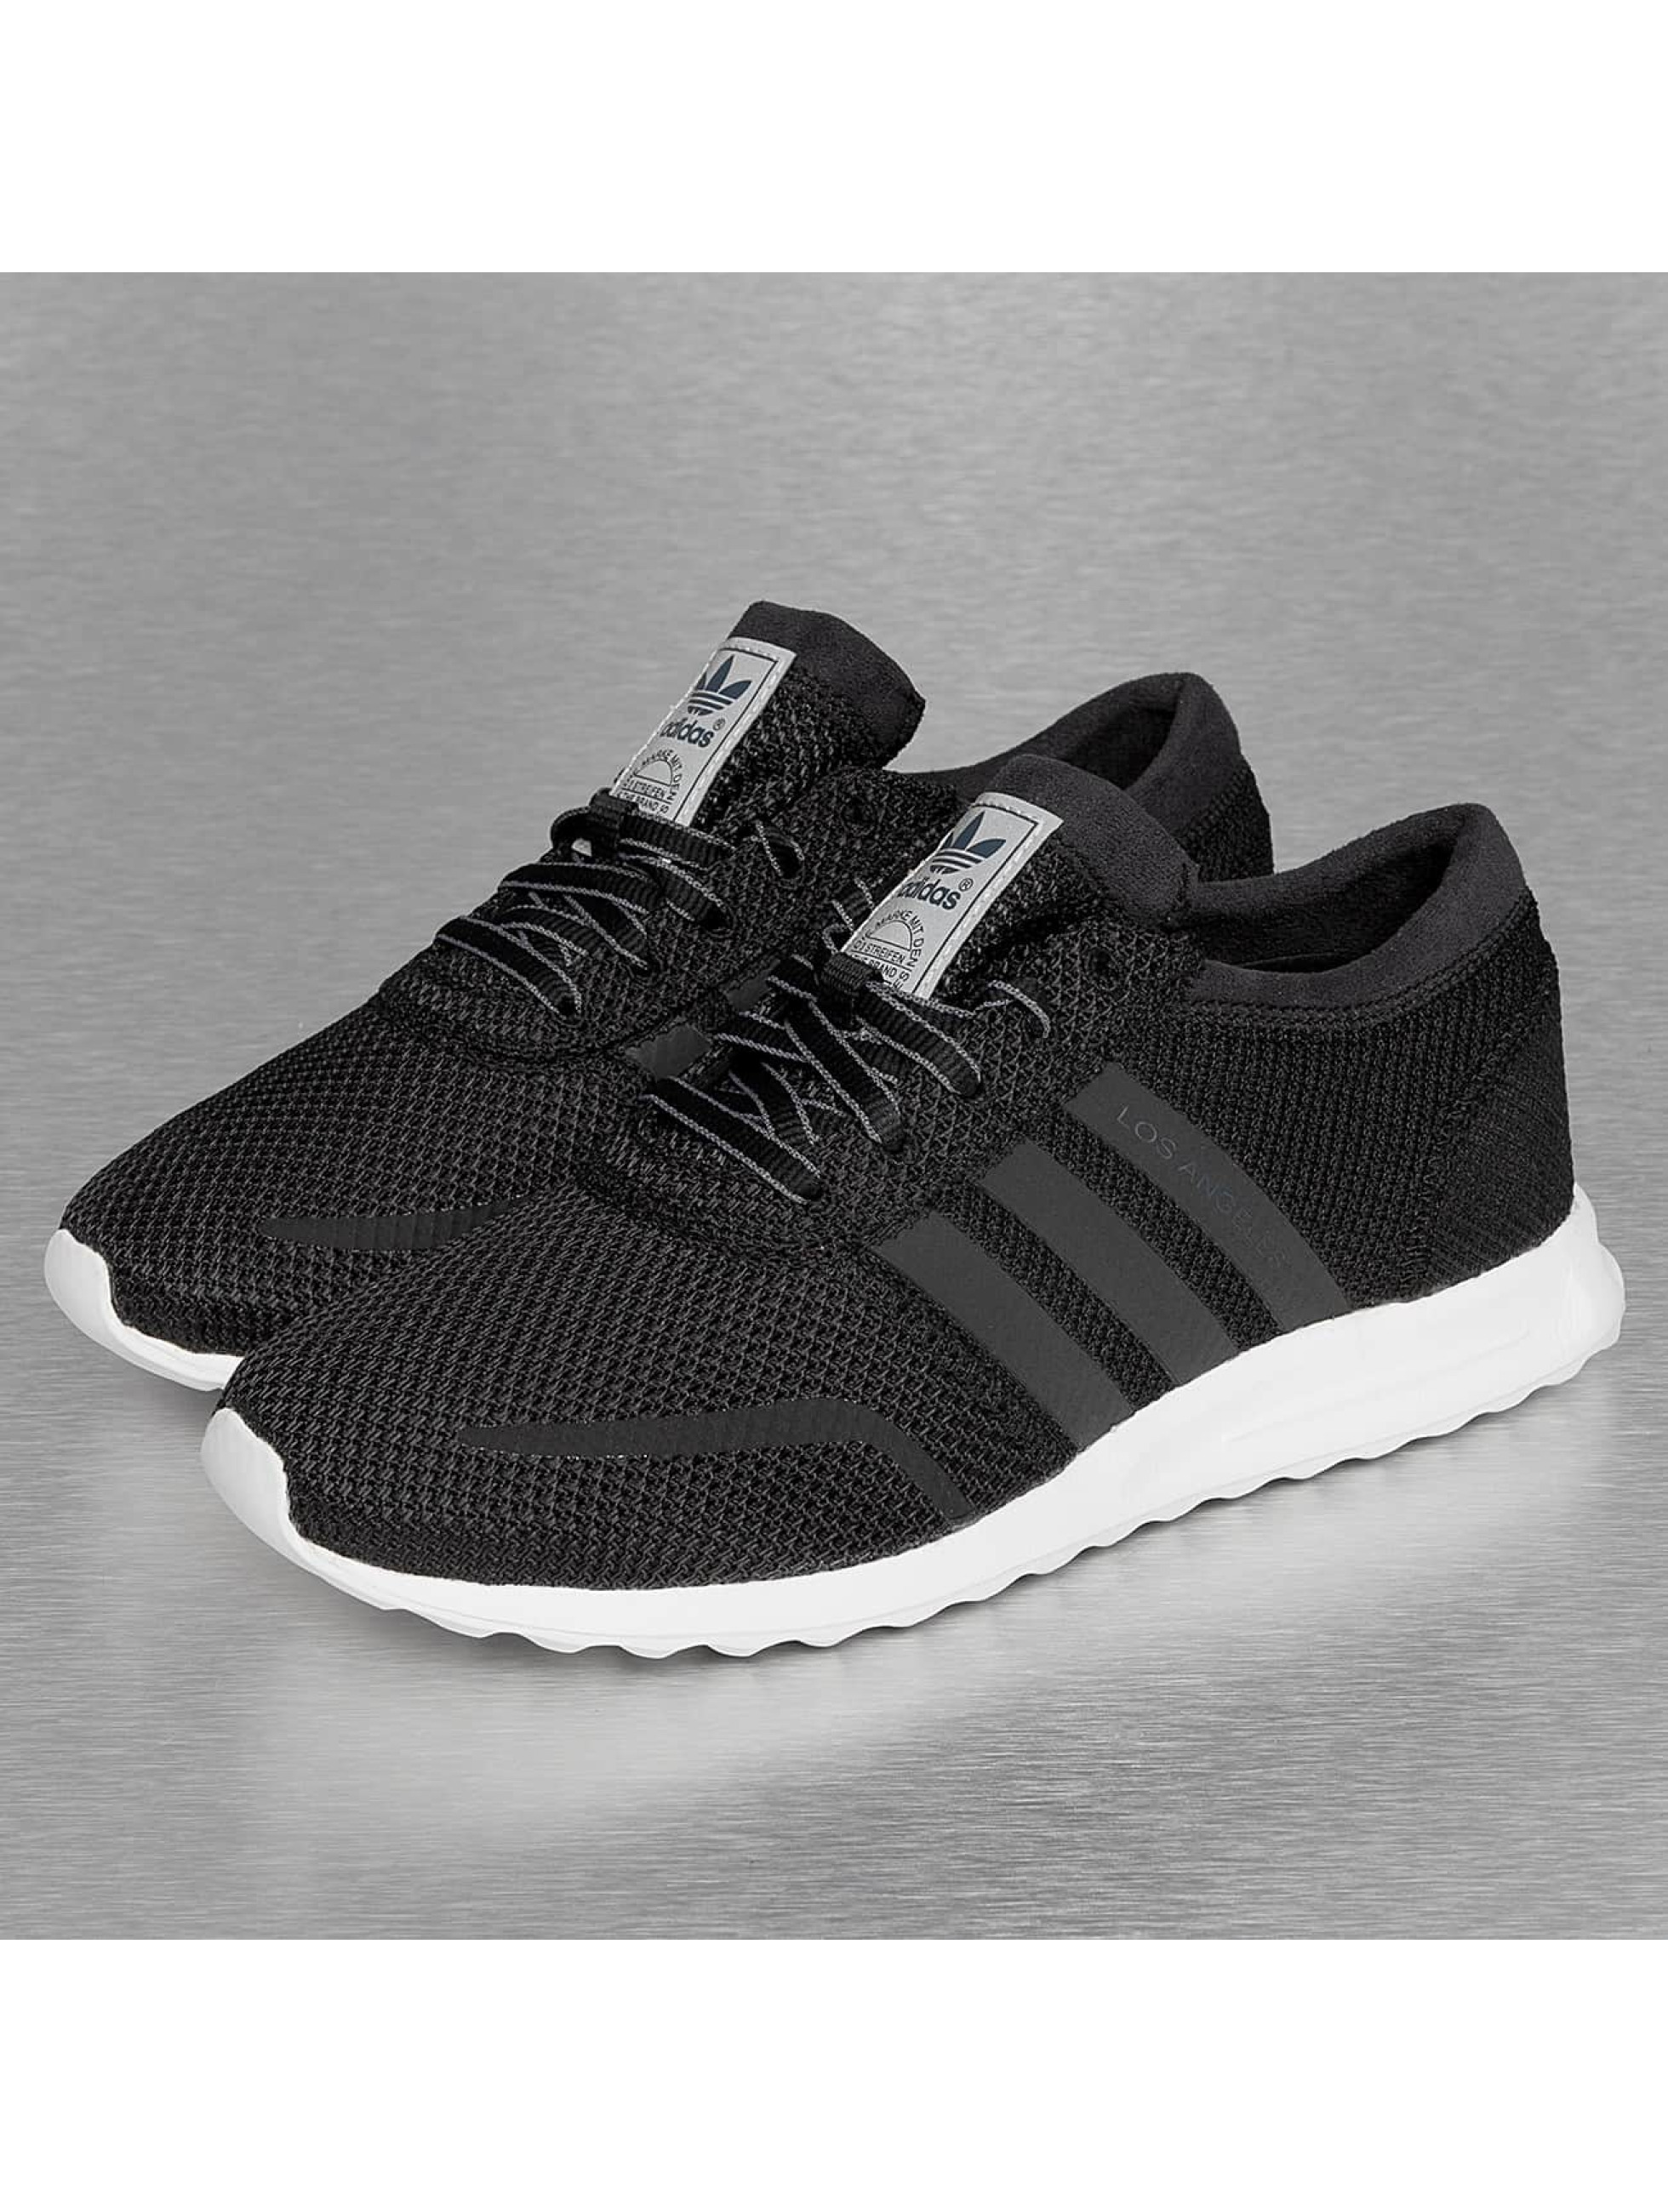 Adidas Sneakers Zwart Grijs